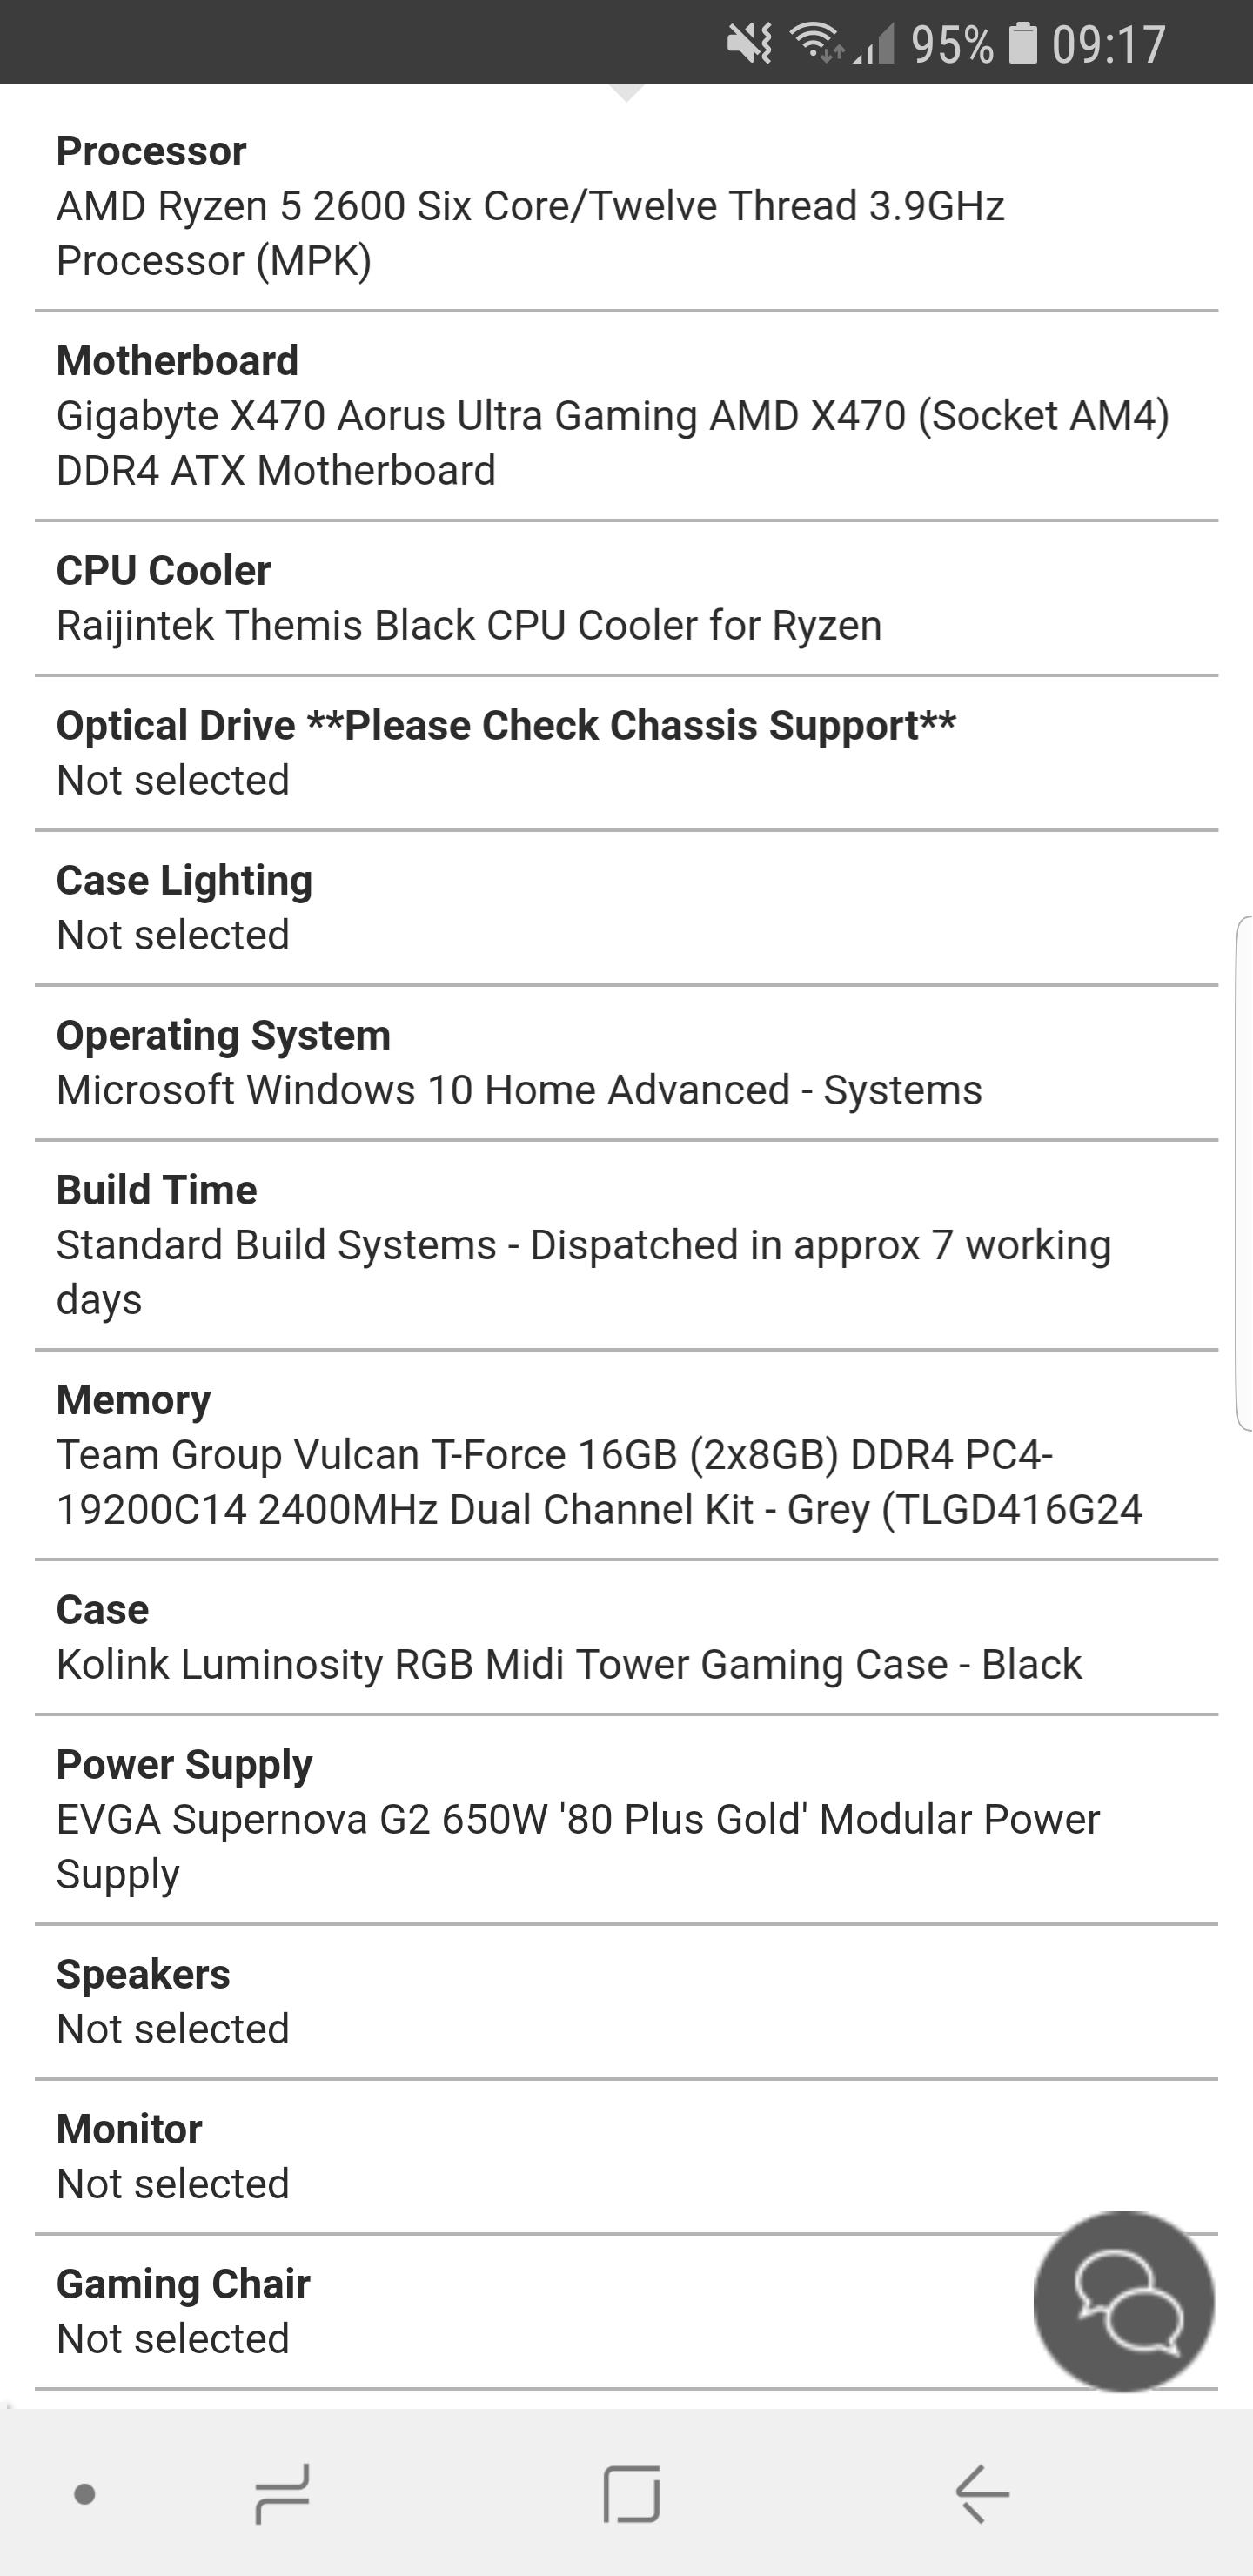 Screenshot_20190127-091717_Chrome.jpg